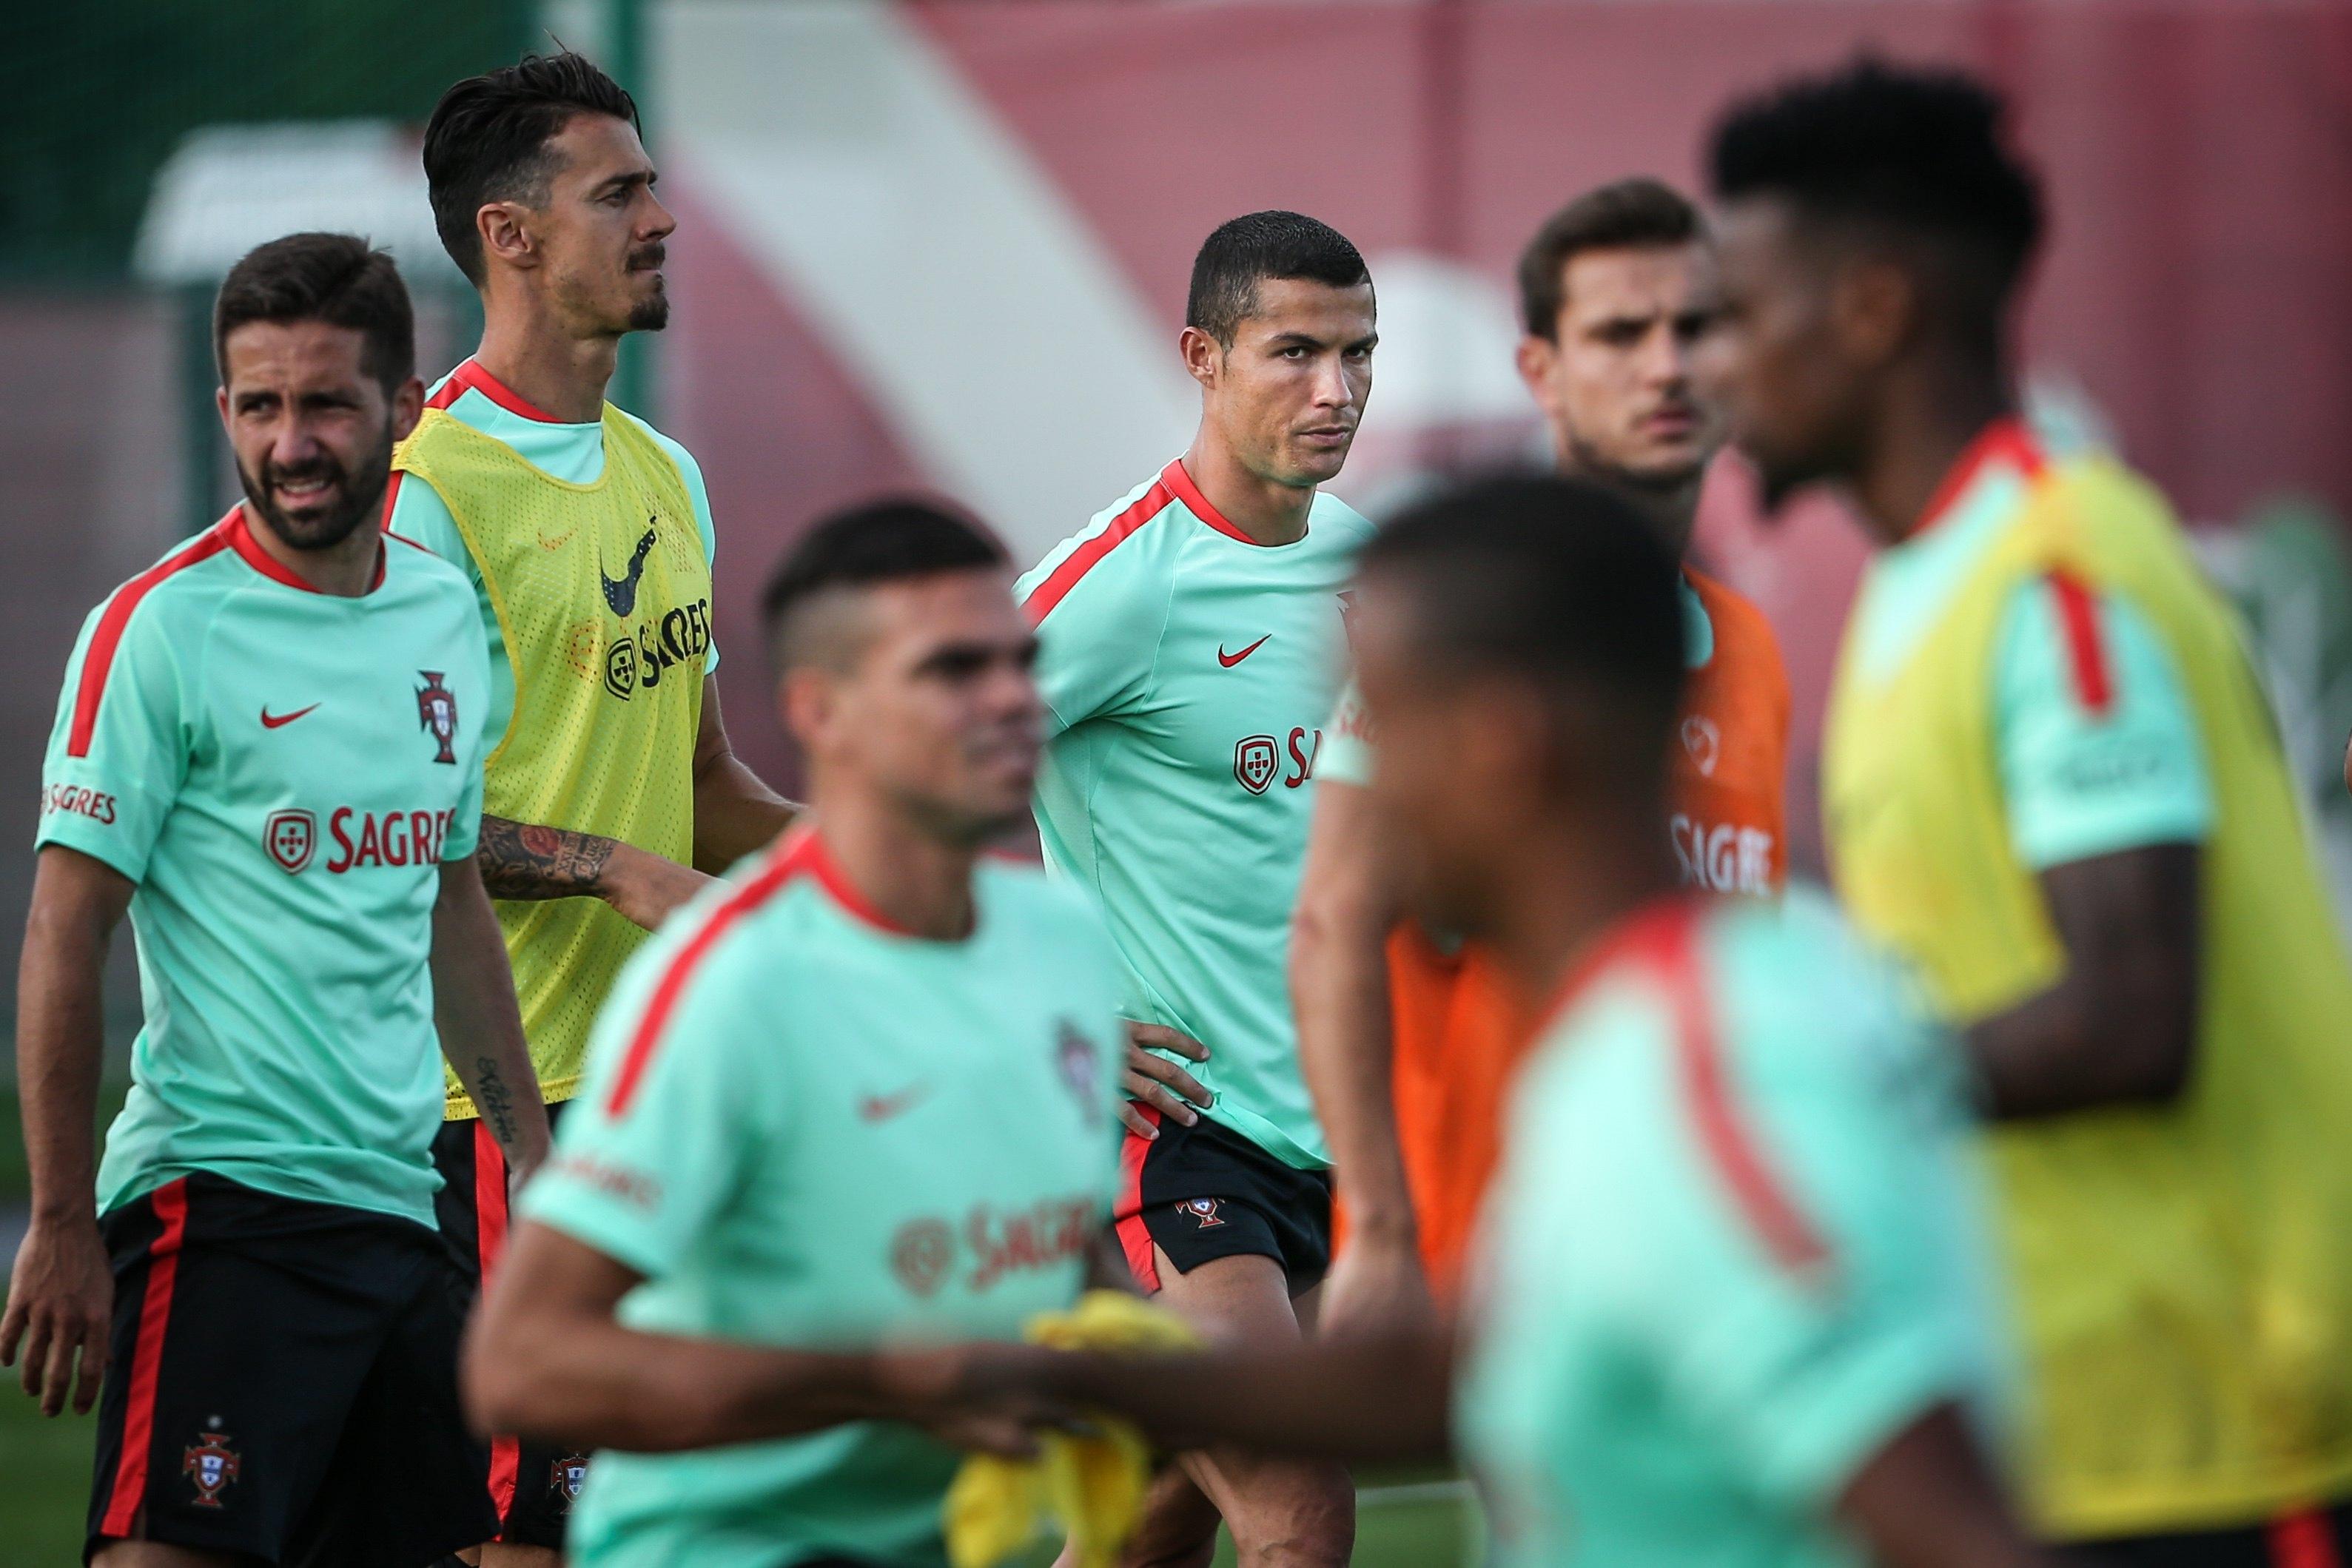 Ronaldo com cara de poucos amigos numa altura em que é notícia por alegada fraude fiscal e uma possível saída do Real Madrid